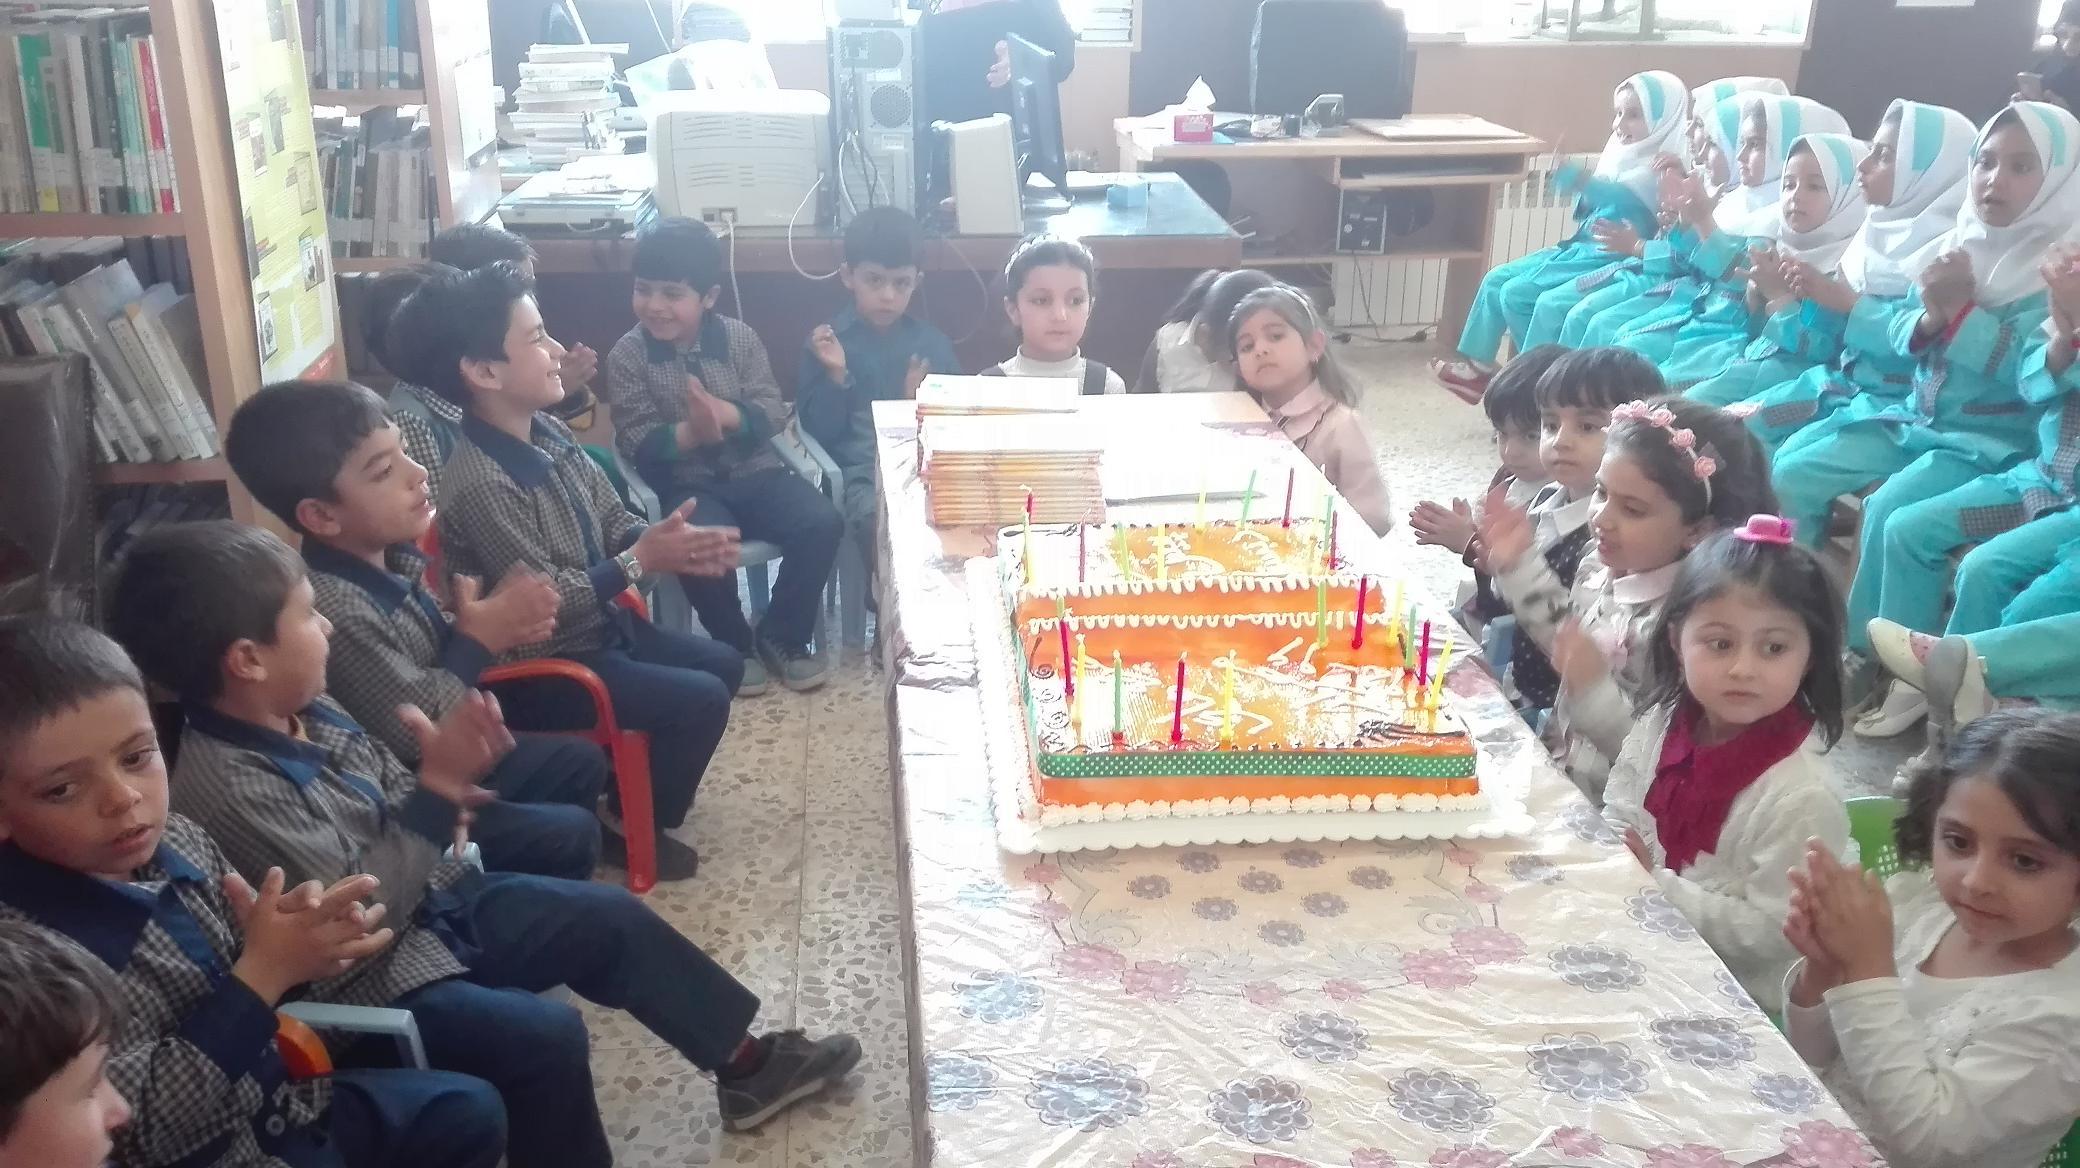 جشن اعیاد شعبانیه در محل کتابخانه عمومی حکیم زهراوی کرسف